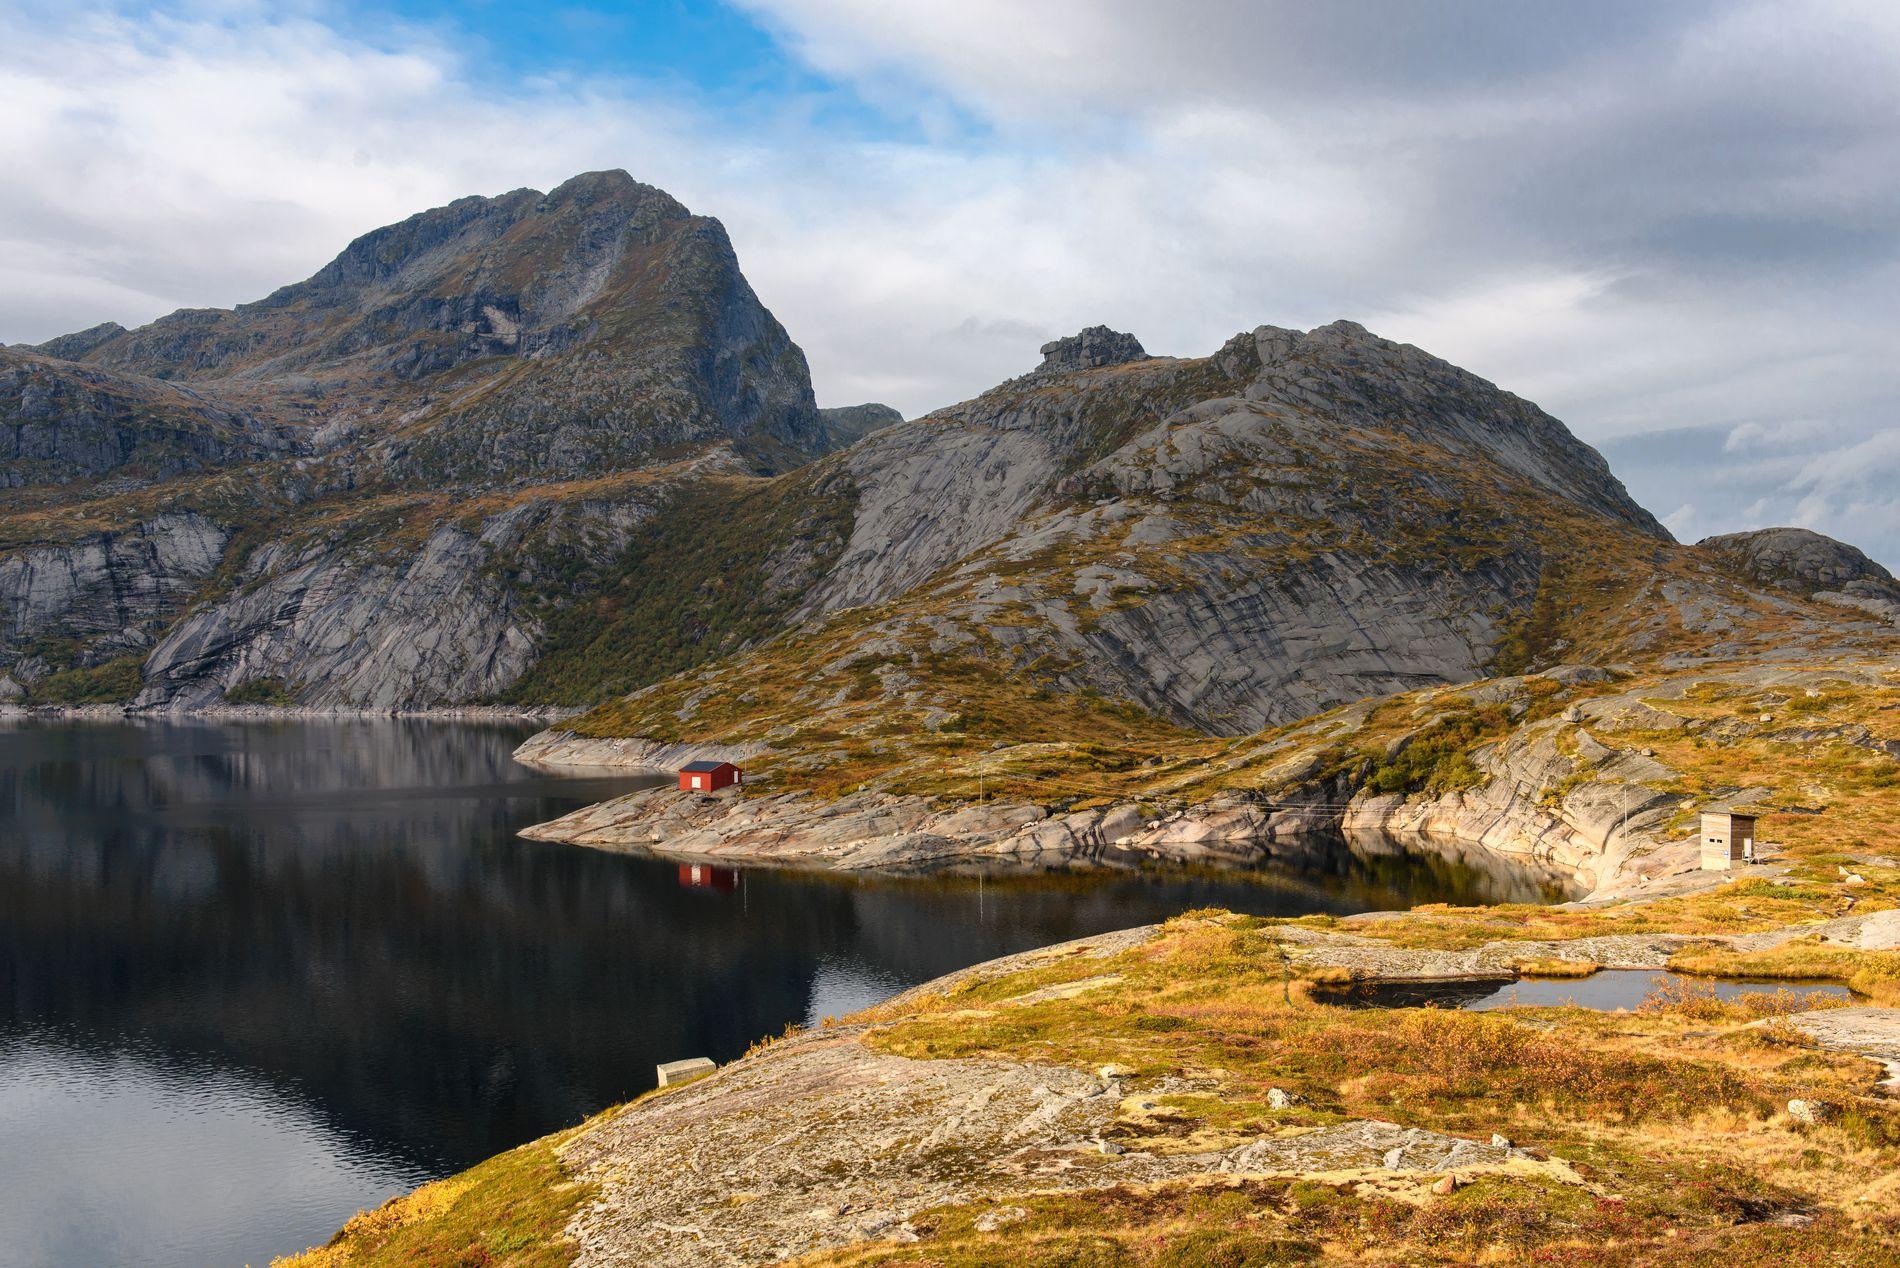 FORLOKKENDE NATUR: Fjellet Narvtinden til venstre, fjellformasjonen Tekoppstetten midt i bildet, og Solbjørnvatnet i forgrunnen.